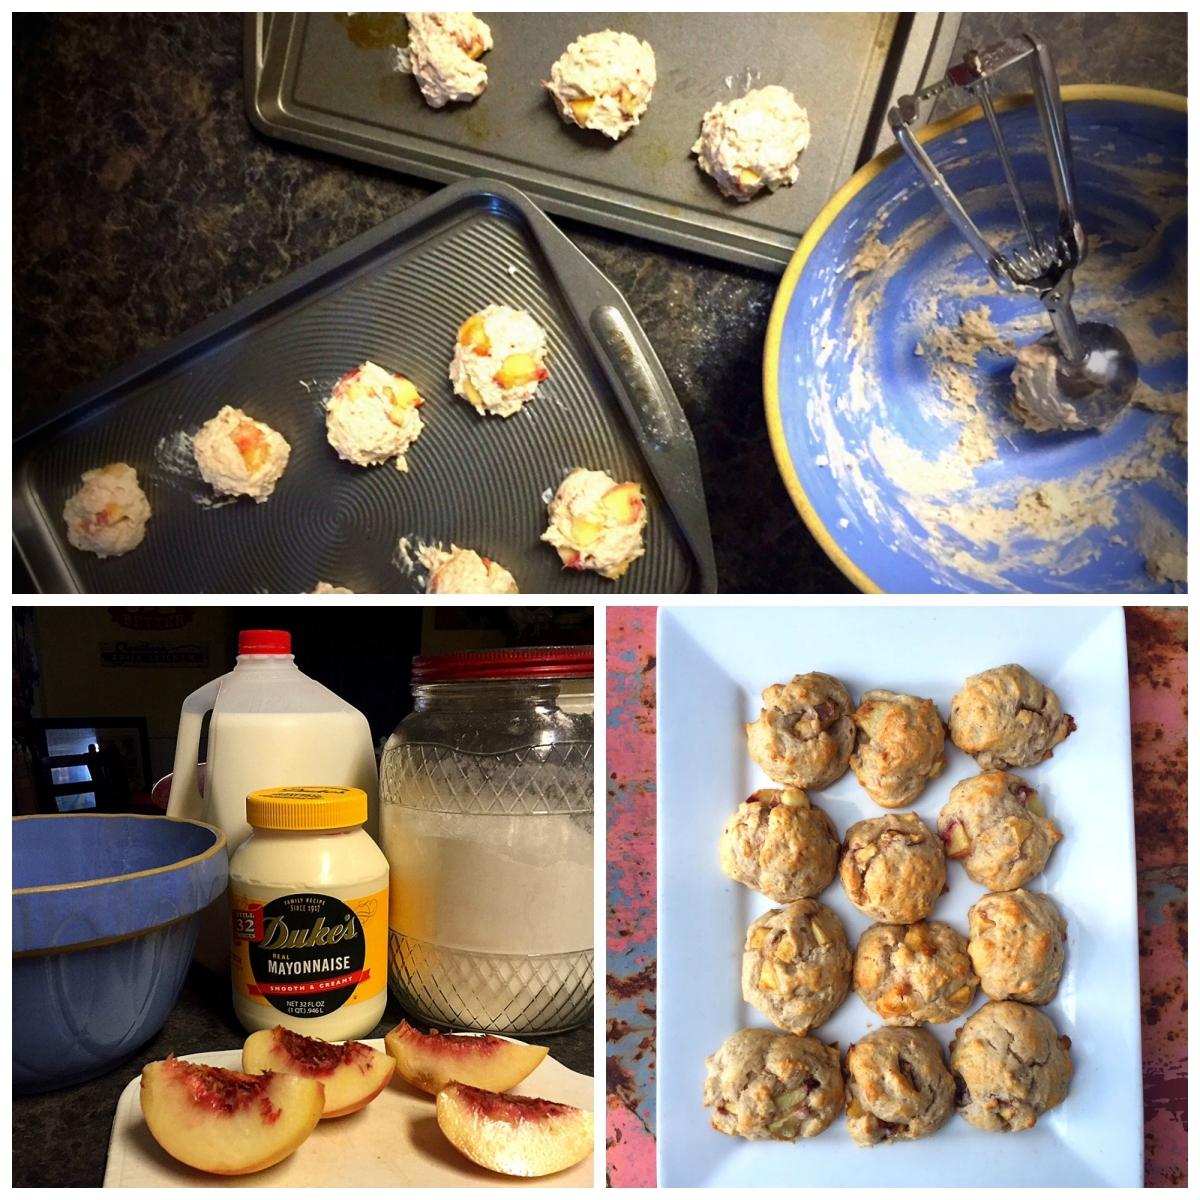 Folks Southern Kitchen: 4-ingredient Cinnamon-peach Biscuits